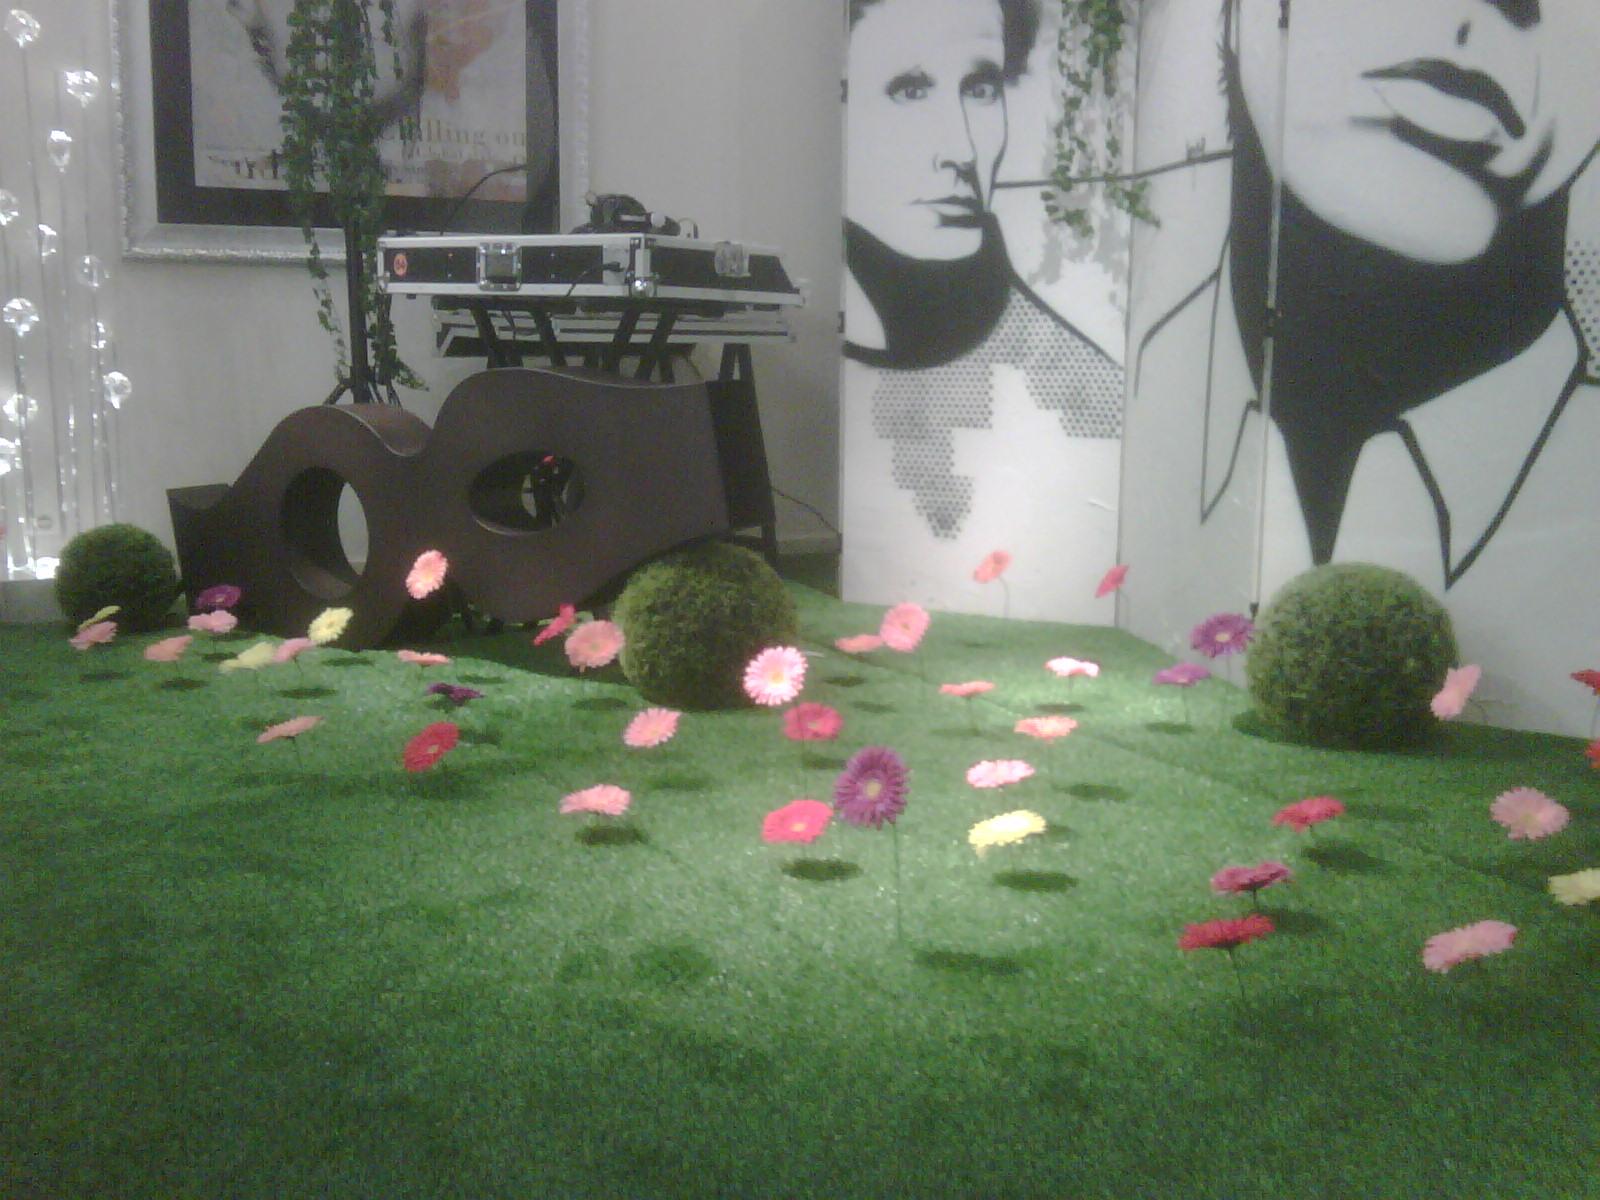 décor-gazon-synthétique-fleurs-artificielles